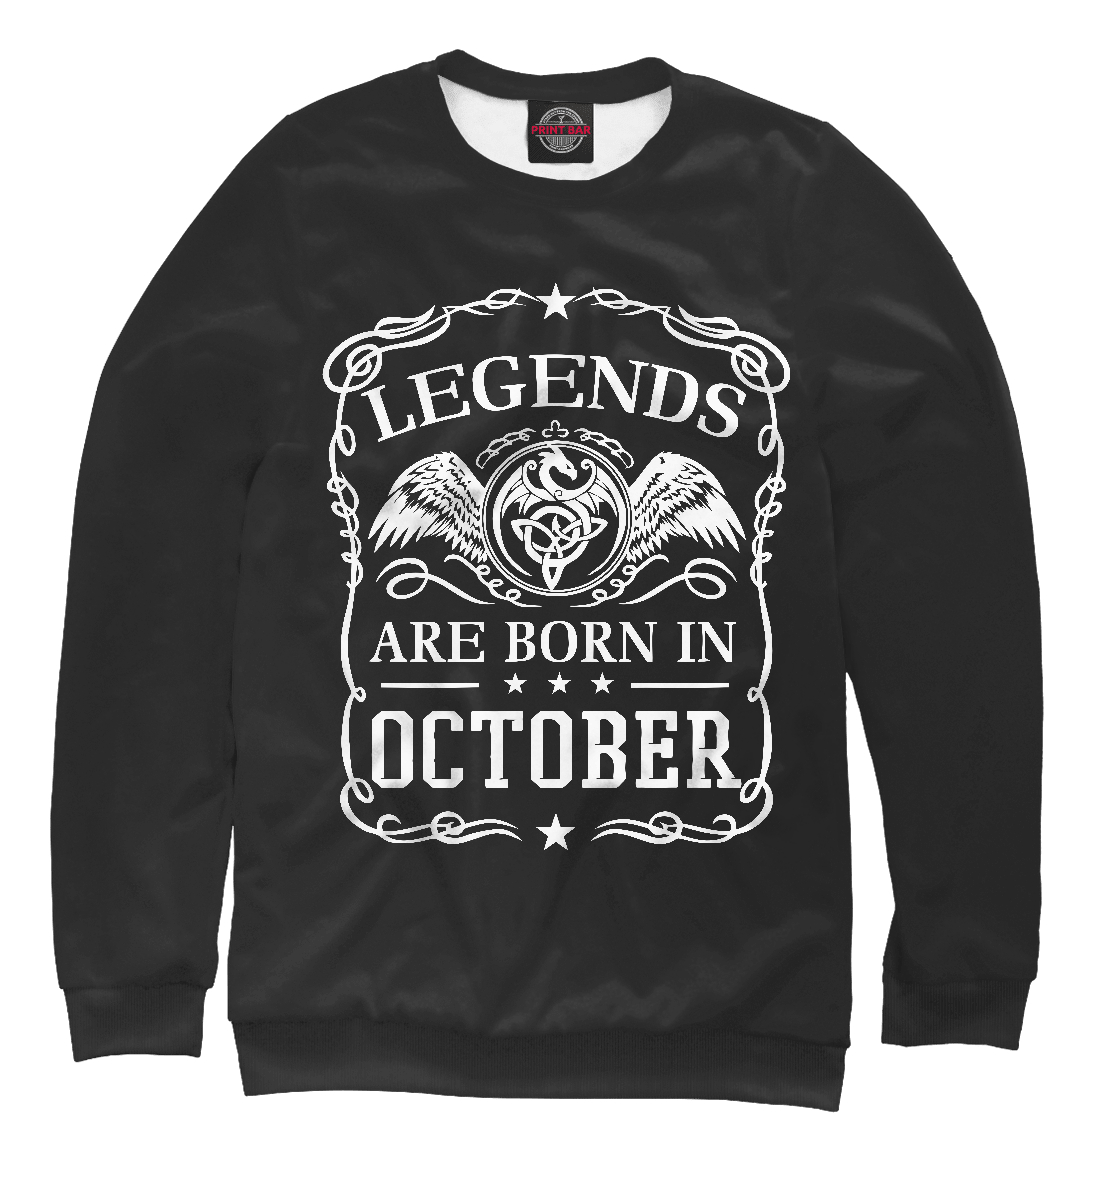 Купить Легенды рождаются в октябре, Printbar, Свитшоты, RZP-111492-swi-2